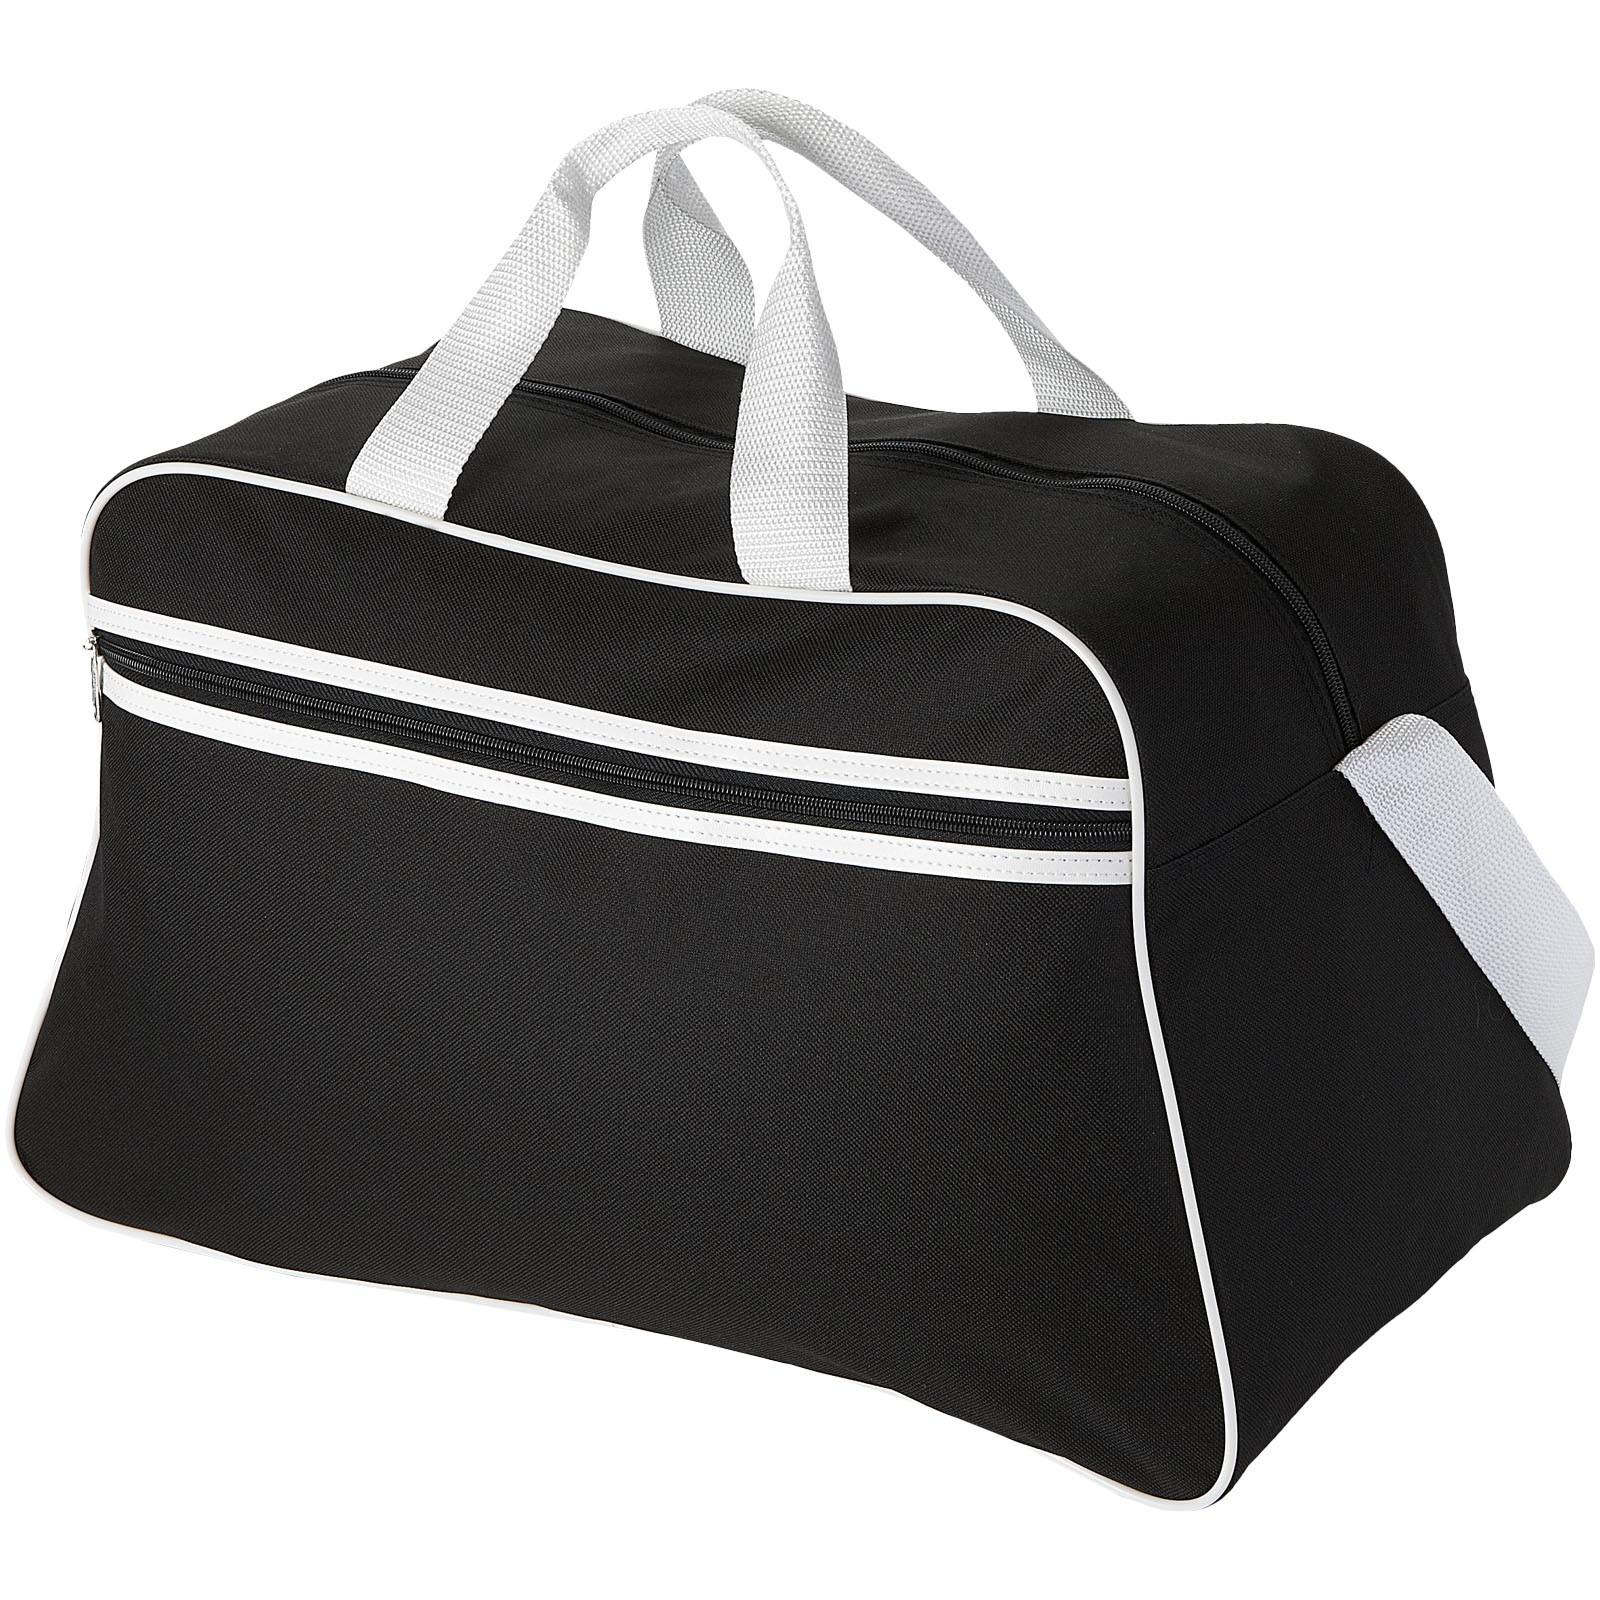 San Jose 2-stripe sports duffel bag - Solid black / White